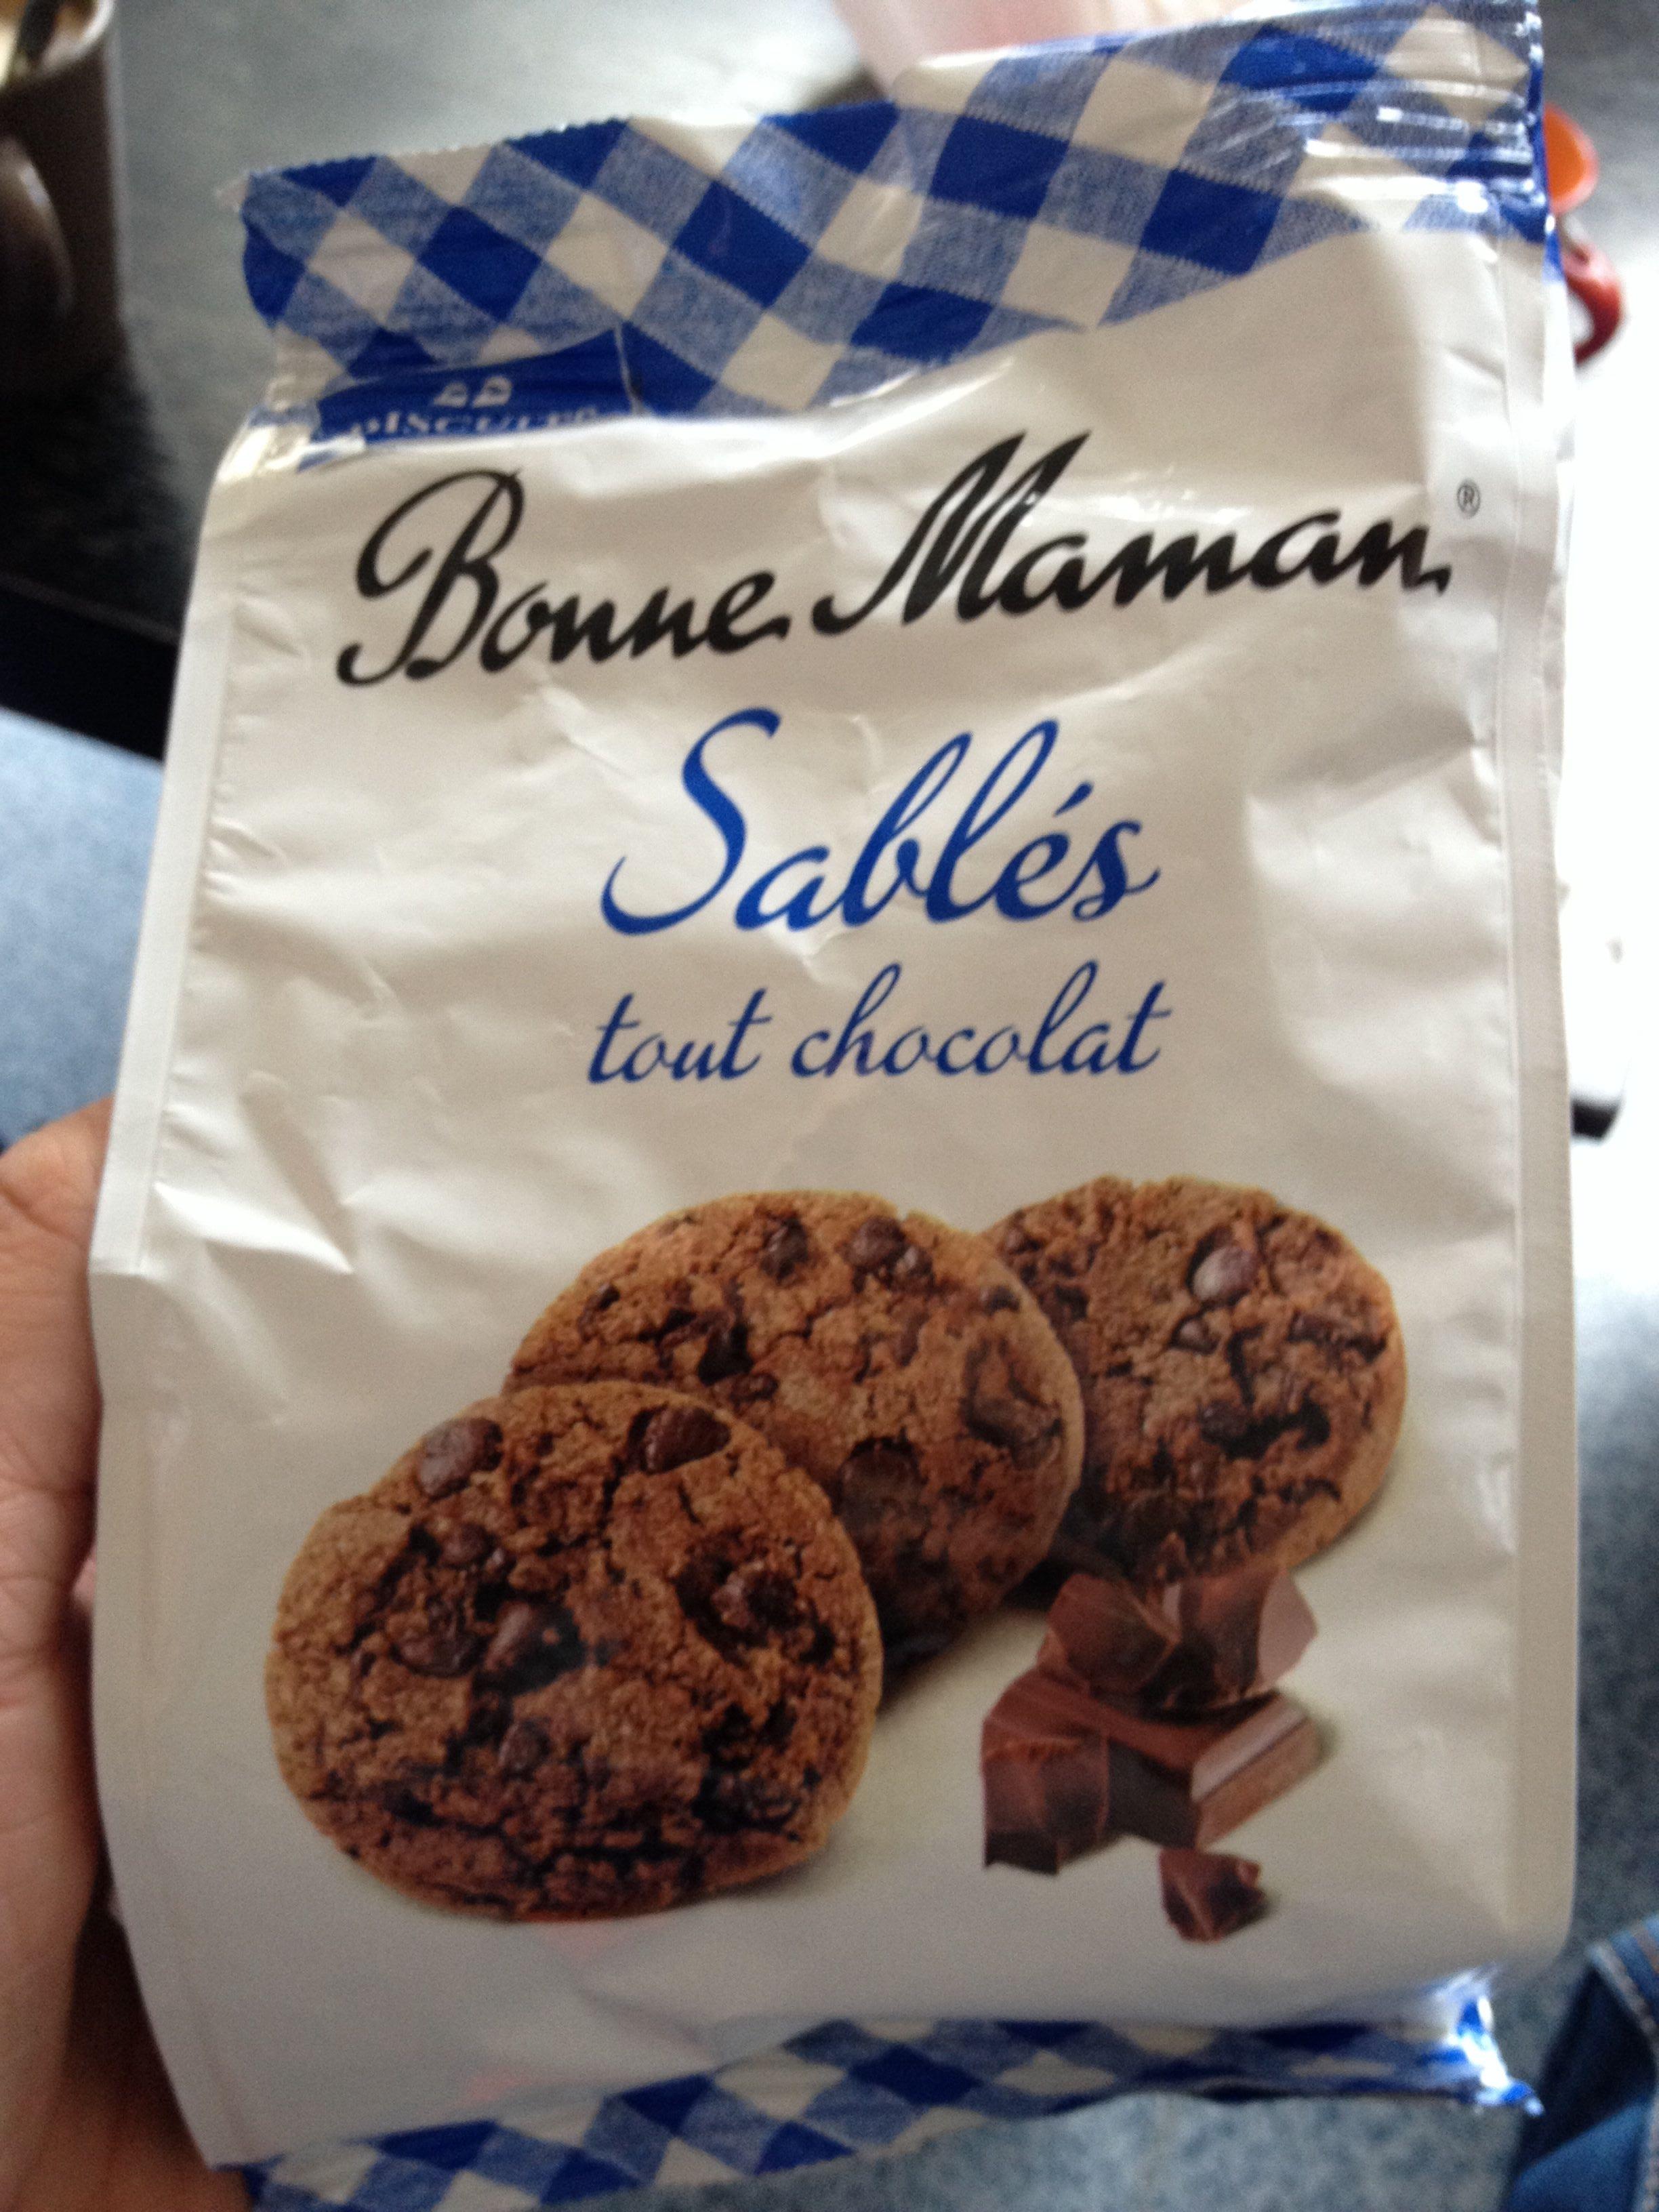 Sablés tout chocolat - Product